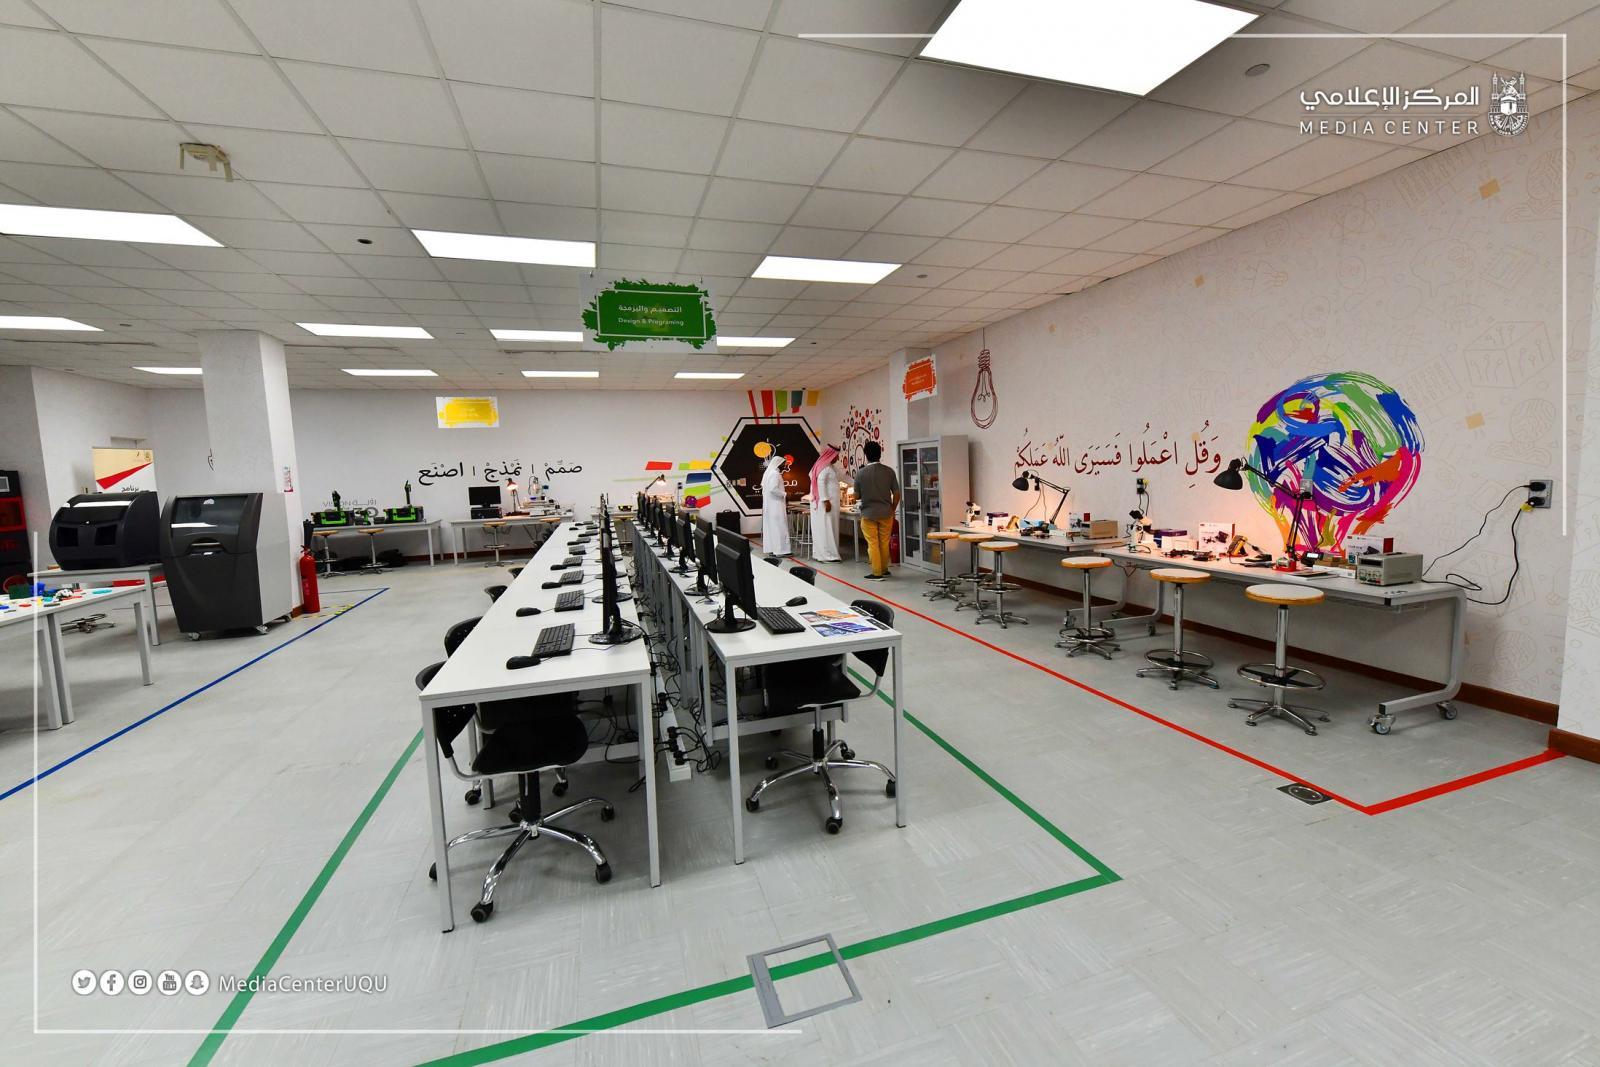 افتتاح معامل النمذجة والتصنيع بمعهد الإبداع وريادة الأعمال